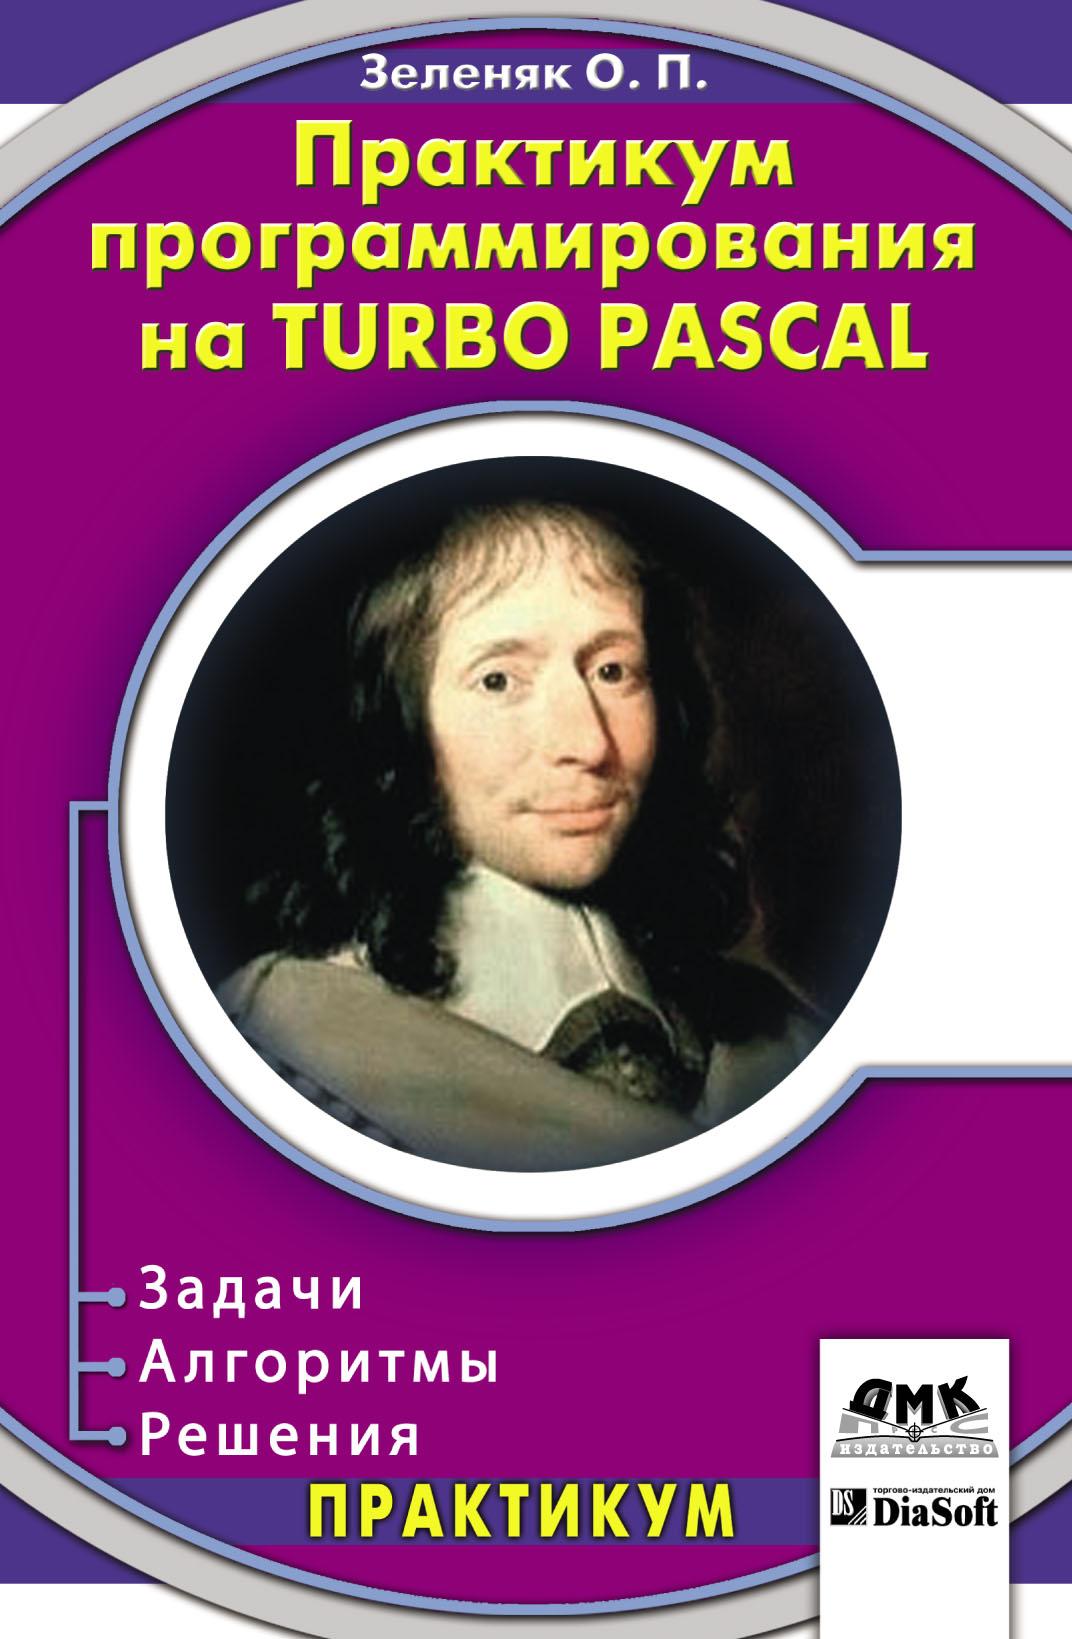 Практикум программирования на Turbo Pascal. Задачи, алгоритмы и решения